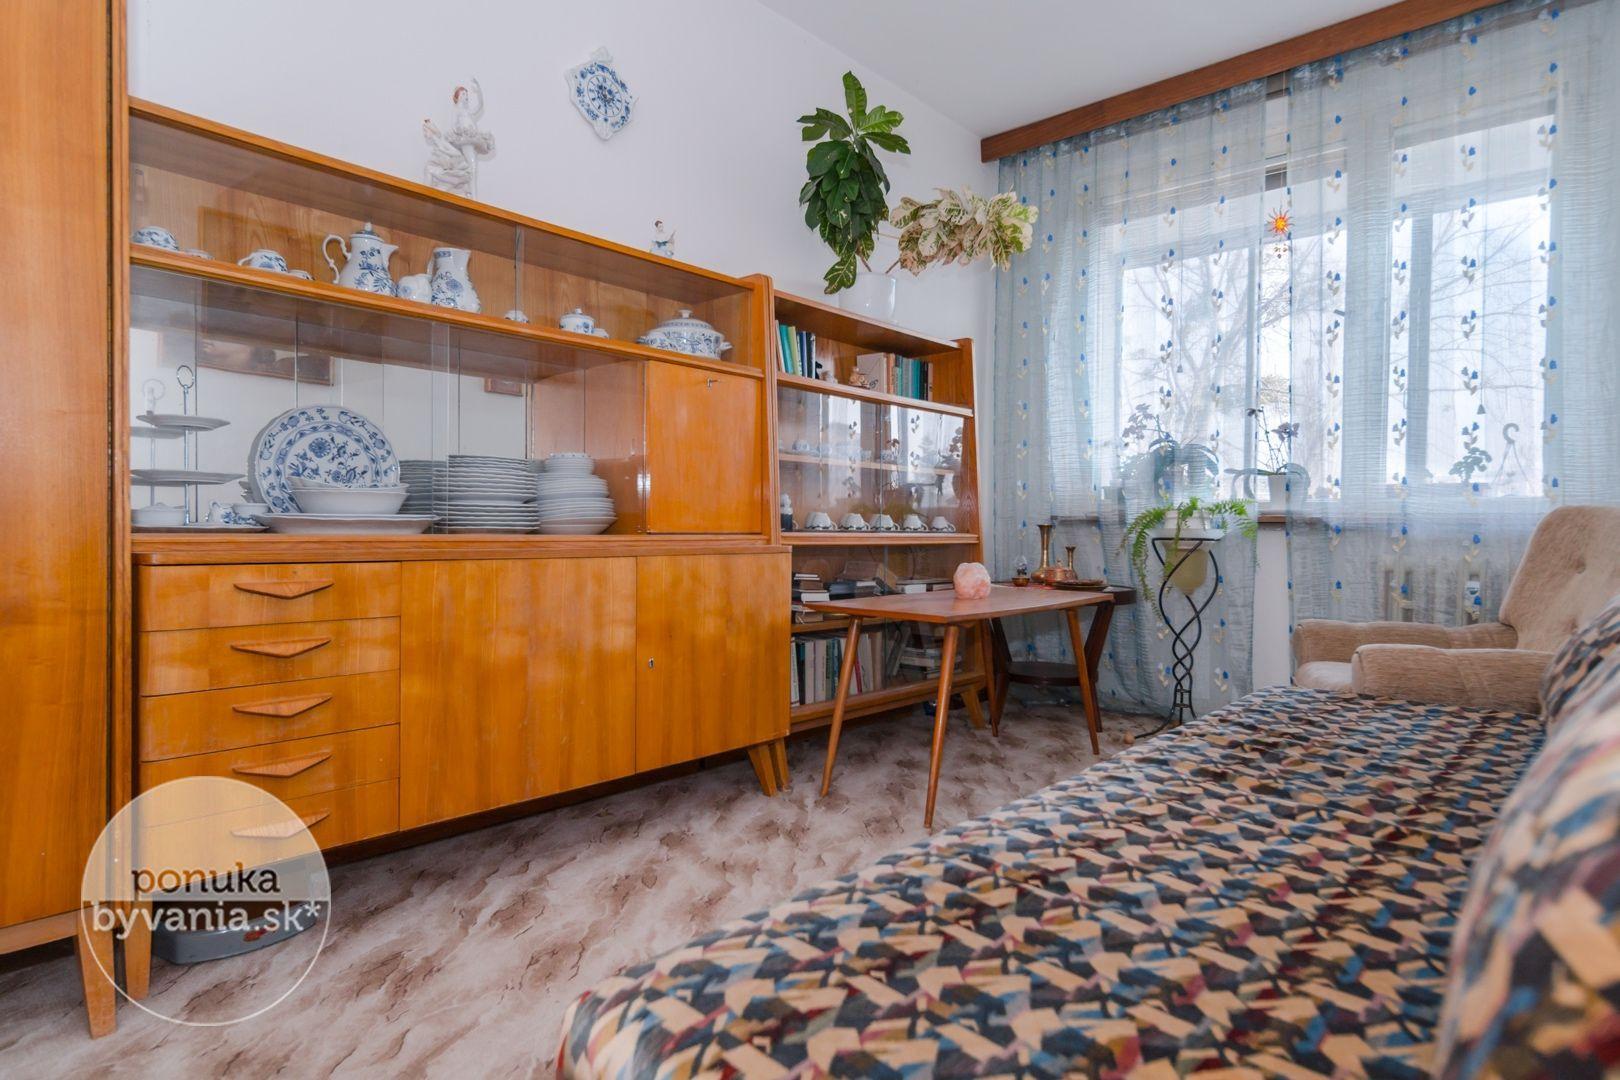 ponukabyvania.sk_Bujnákova_4-izbový-byt_archív